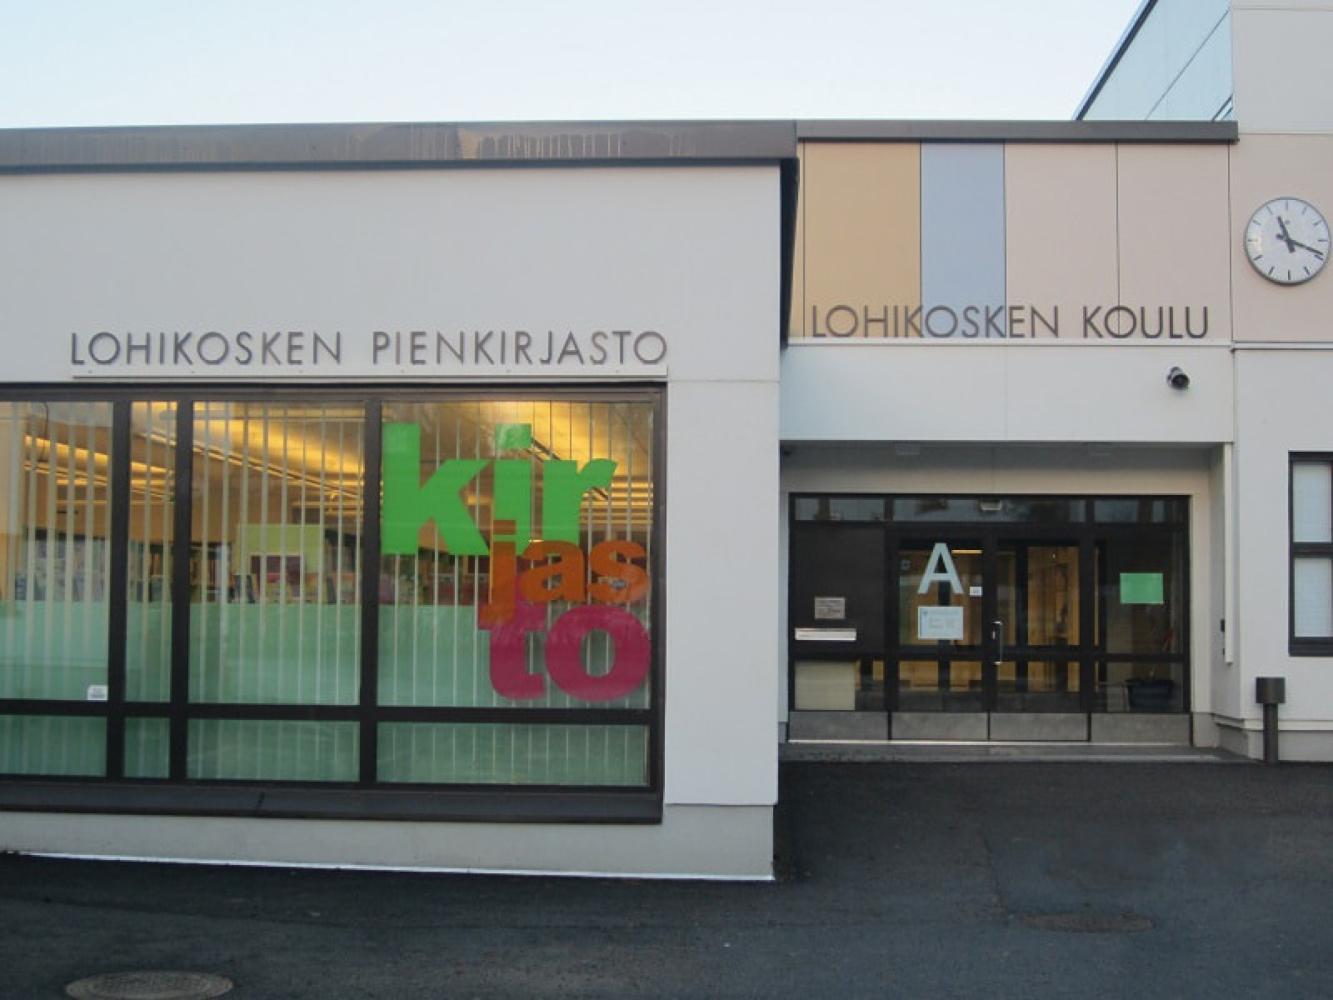 Lohikoski Library